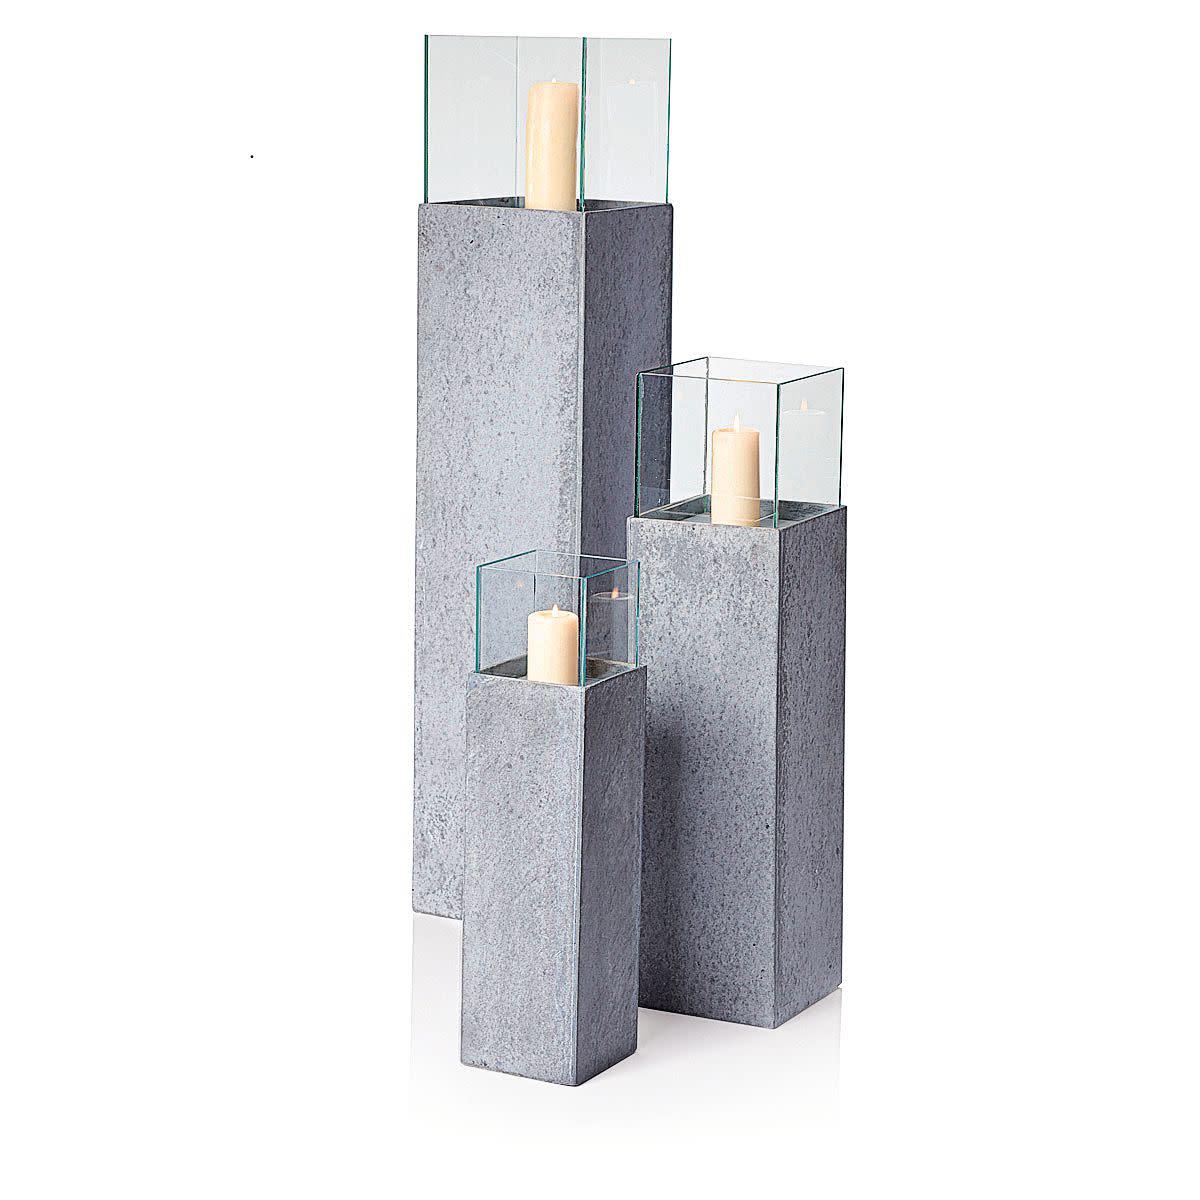 dekoration garten laessig wohnen. Black Bedroom Furniture Sets. Home Design Ideas